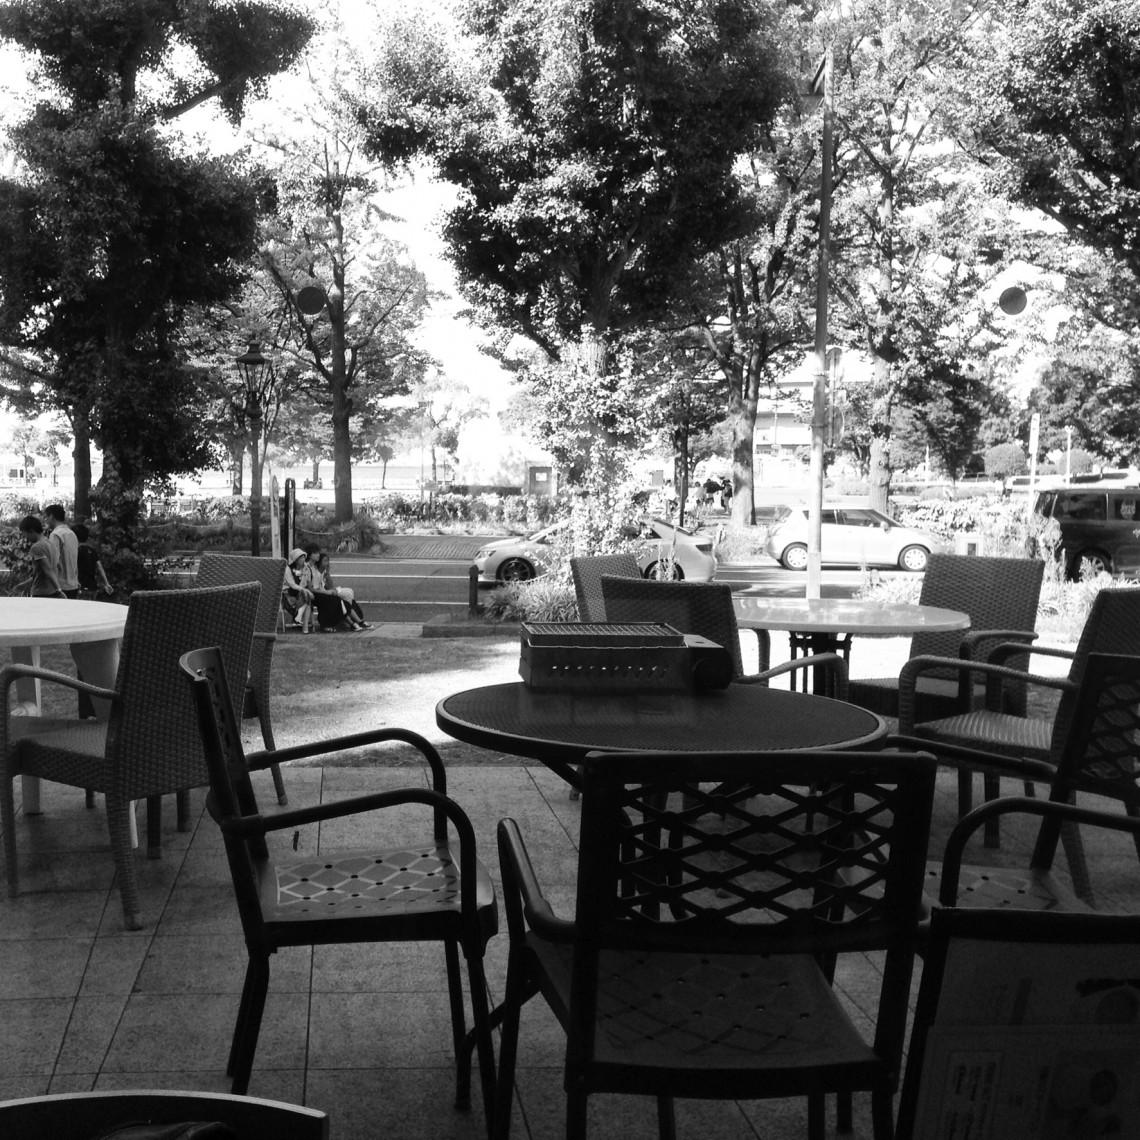 [横浜] ドライブデートで行きたいカフェ 15選